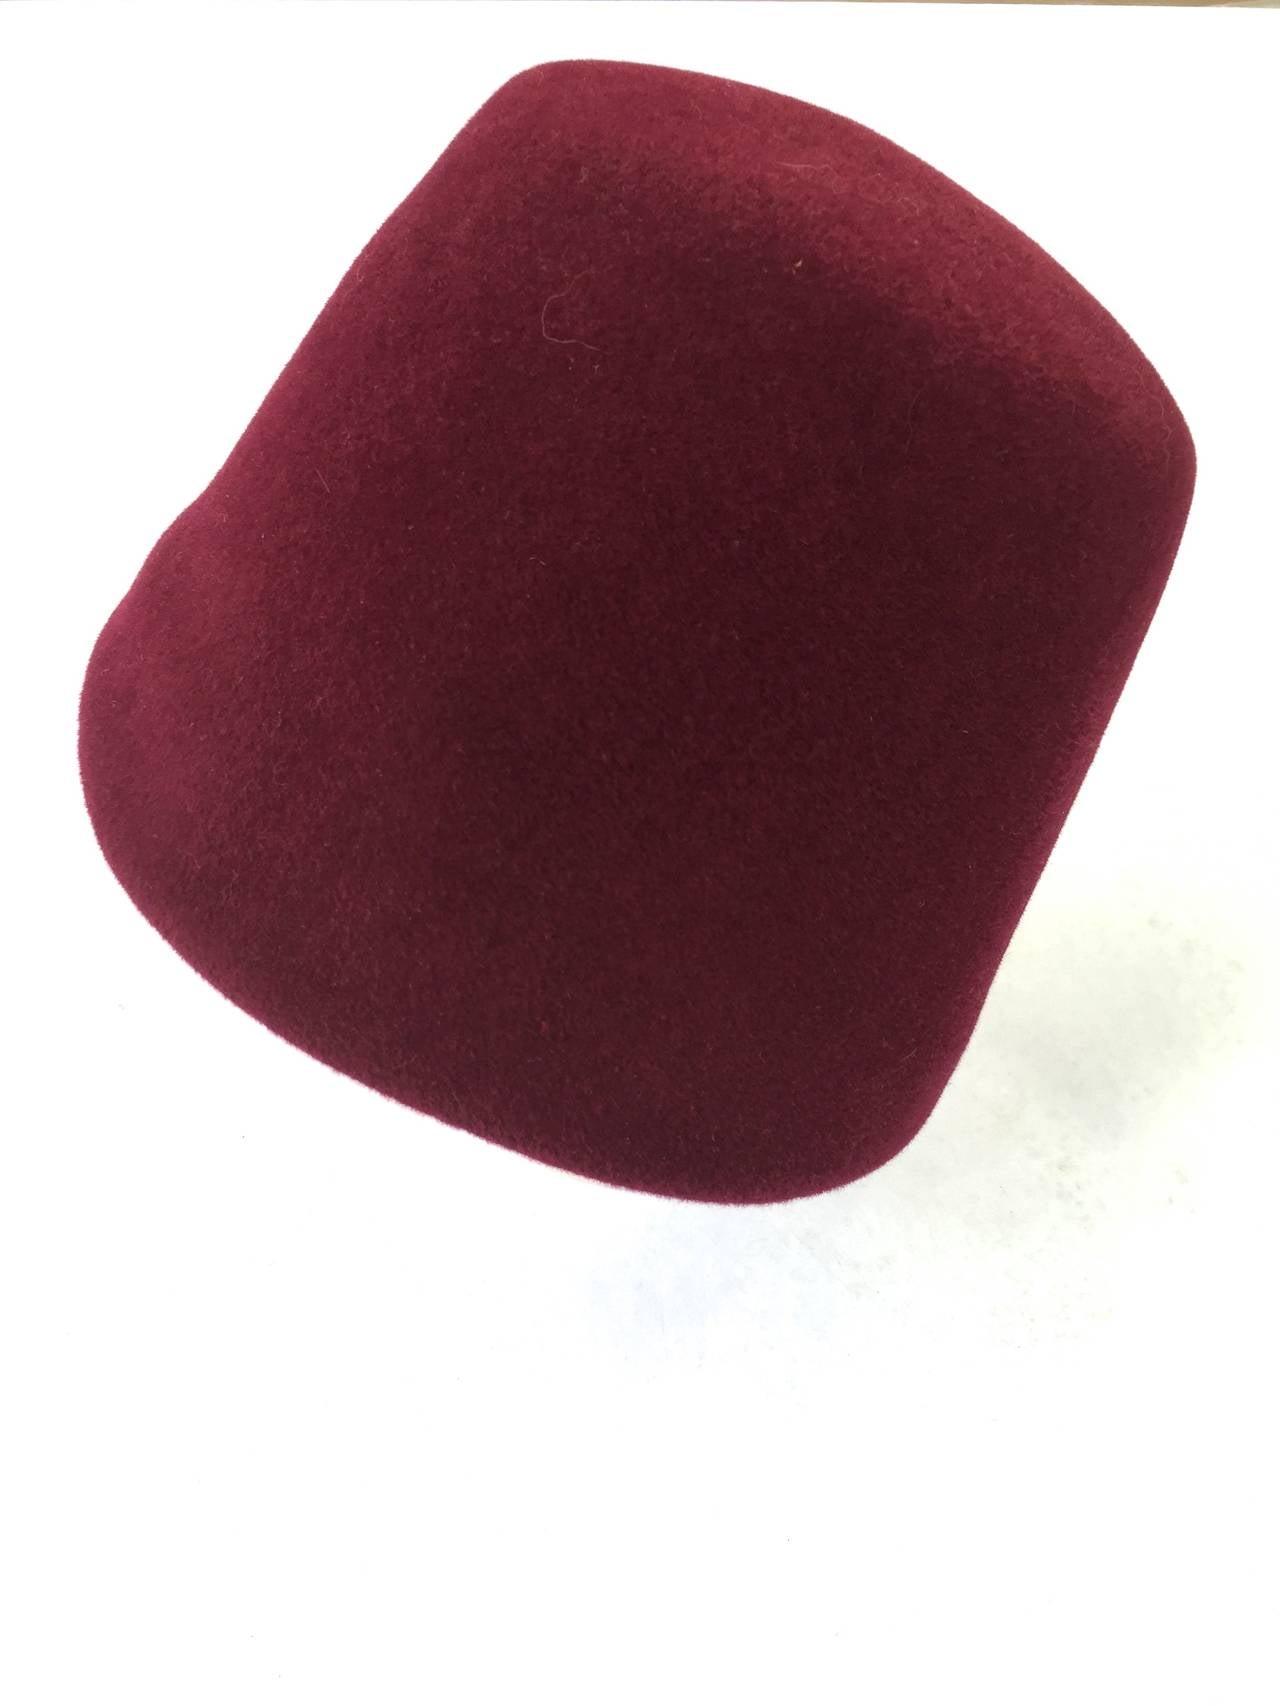 Yves Saint Laurent 70s fez hat. 3